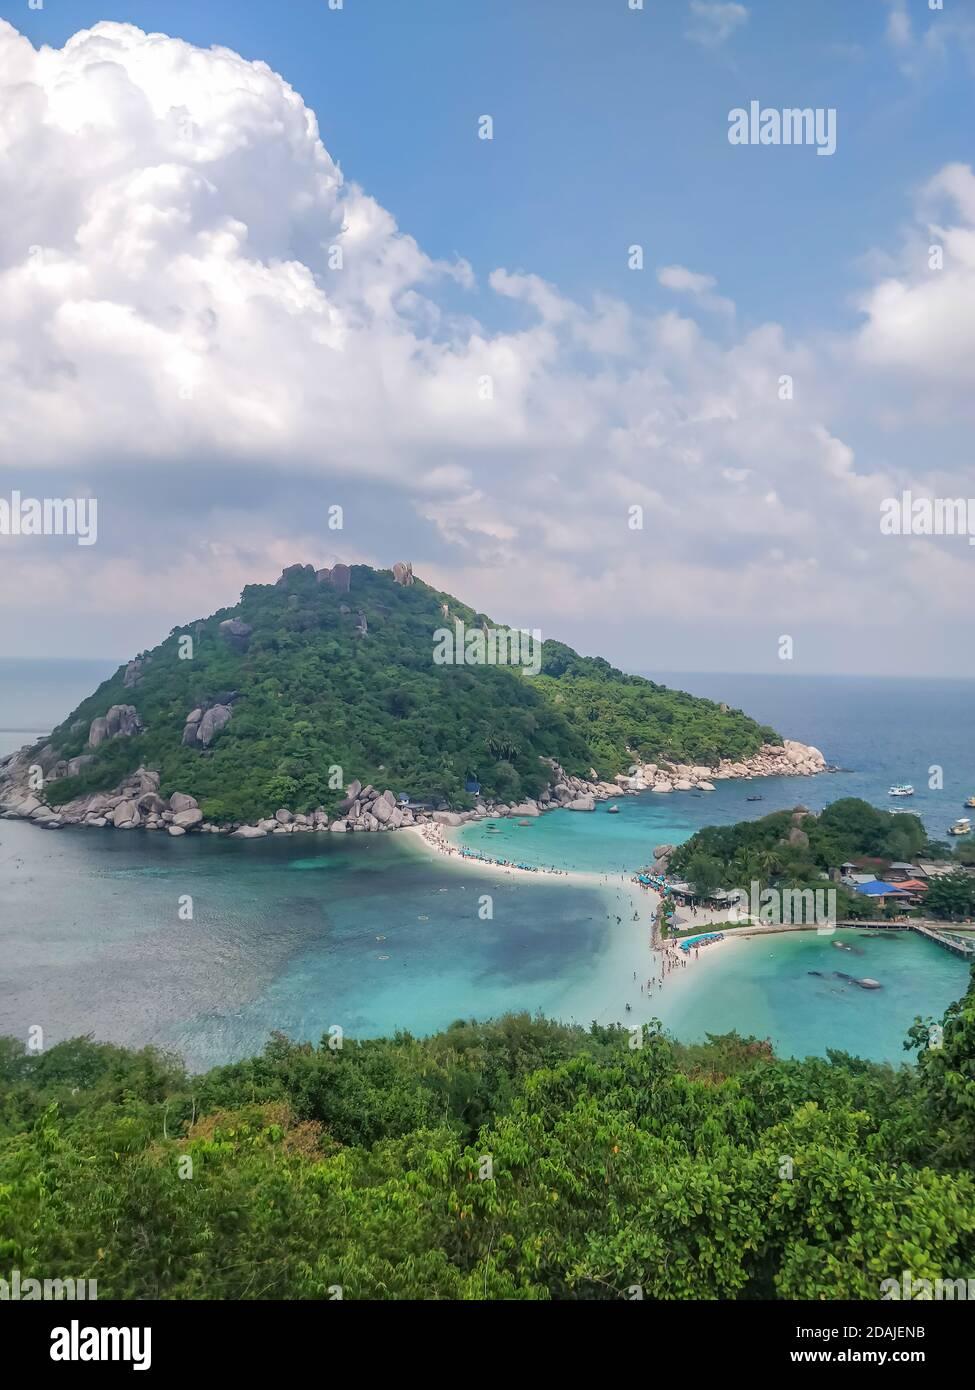 Koh Tao, Tailandia - 2 de enero de 2020: Hermoso punto de vista en la isla Koh Nang Yuan en Koh Tao Tailandia. Foto de stock